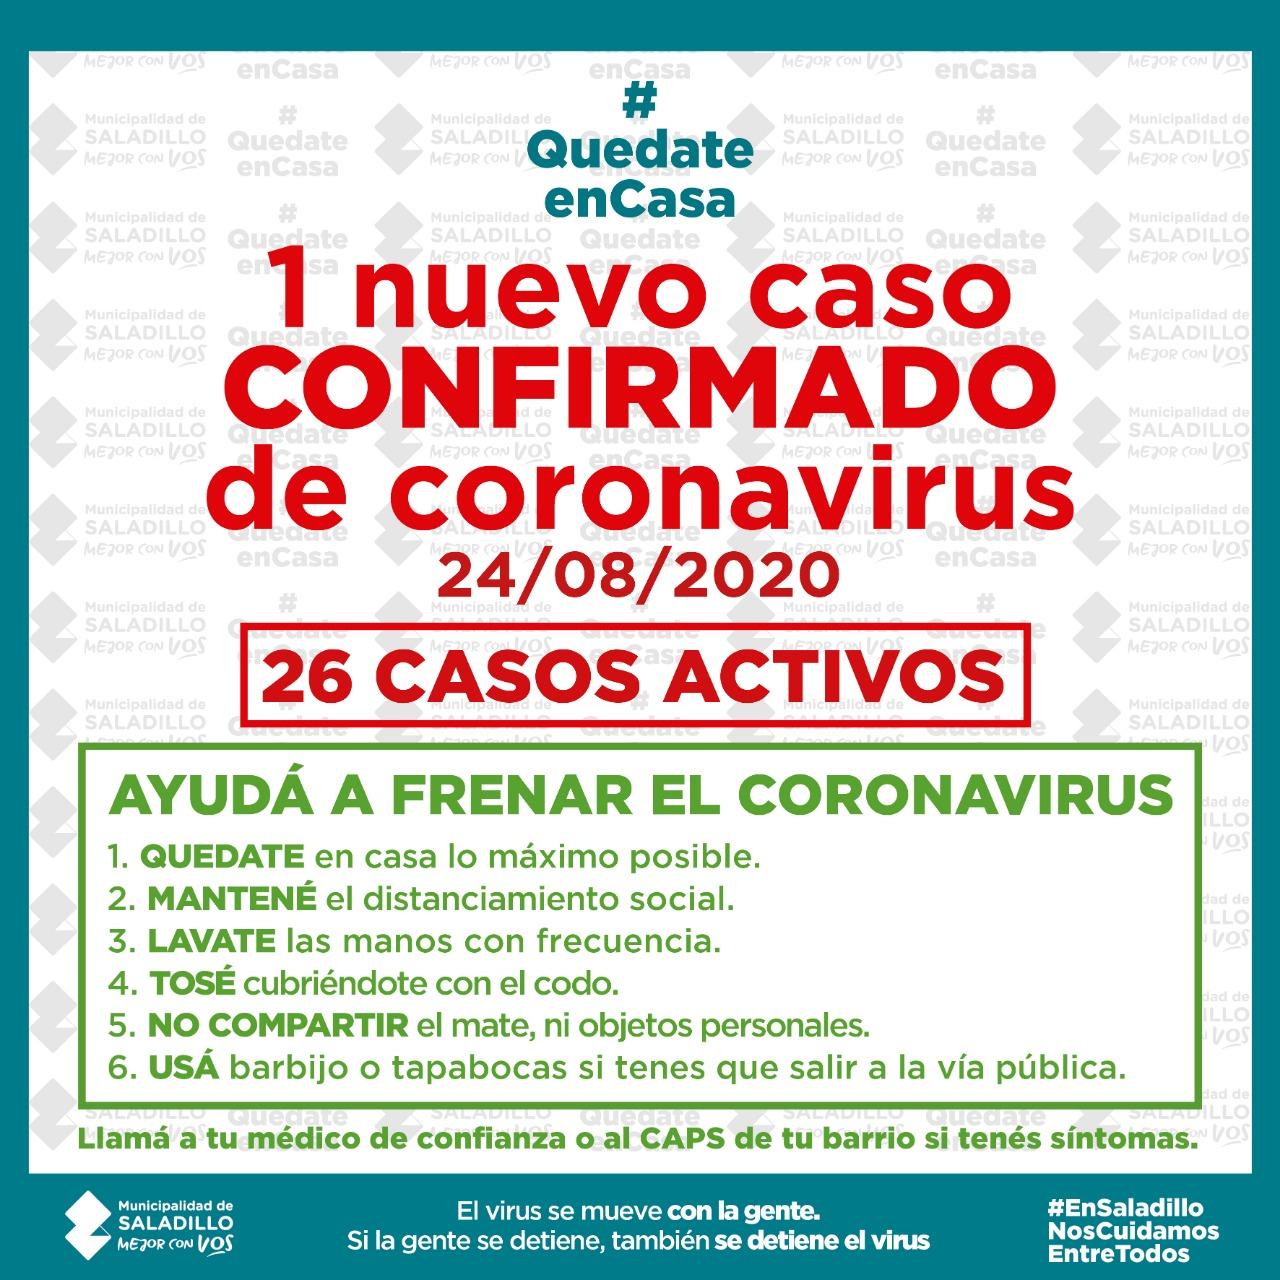 26 casos activos de covid-19 en Saladillo